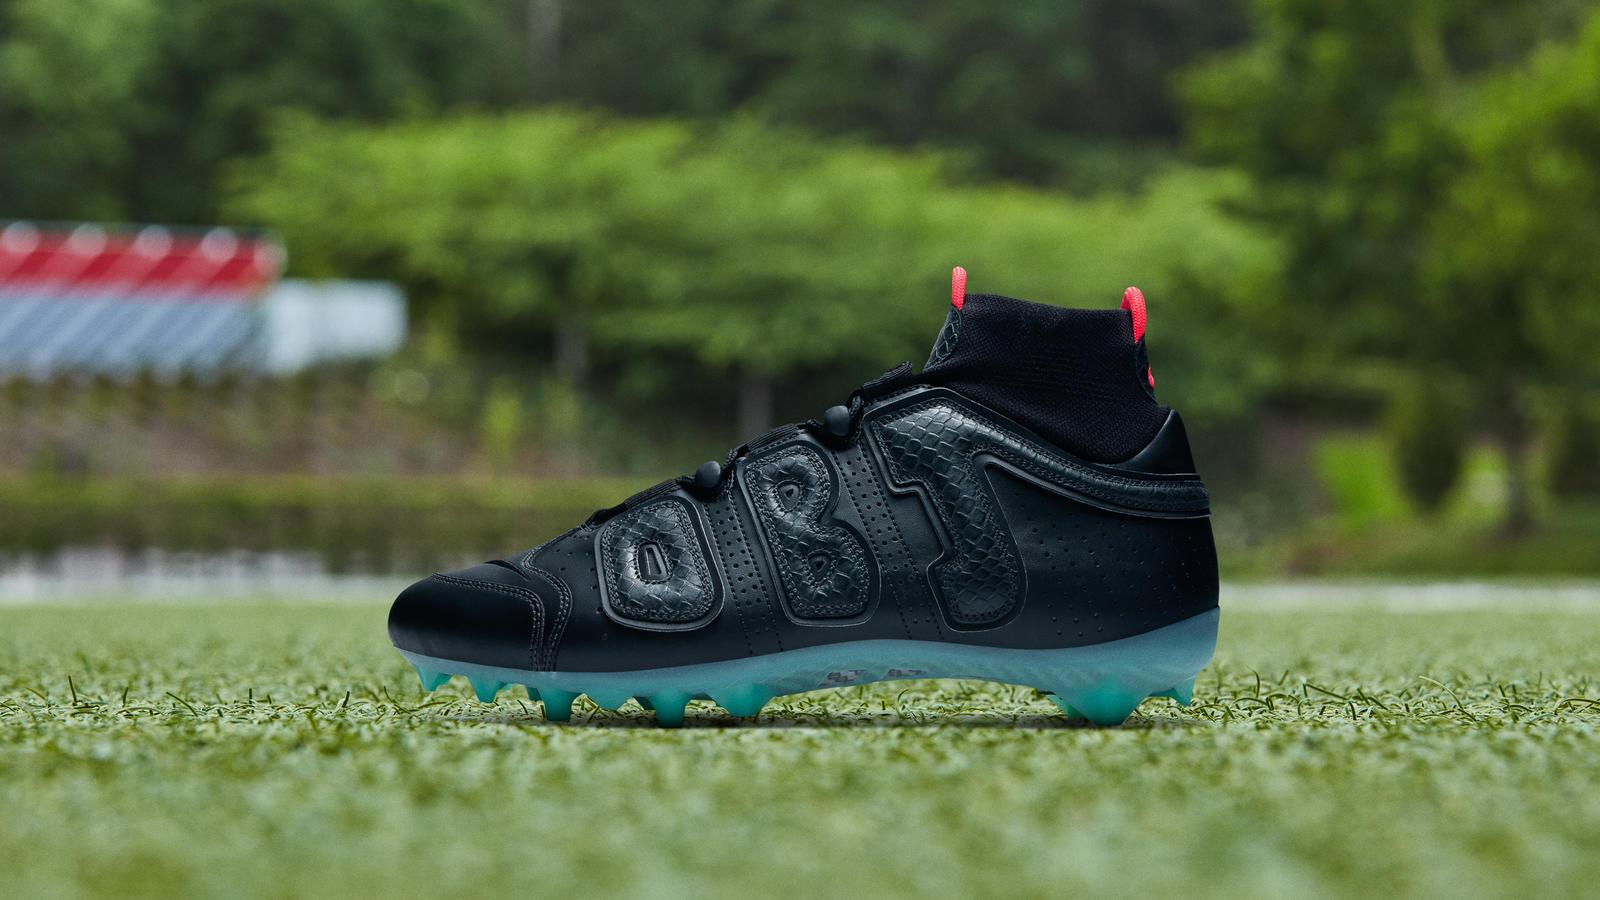 Nike Odell Beckham Jr. Pregame Cleats 2019-20 Season 0